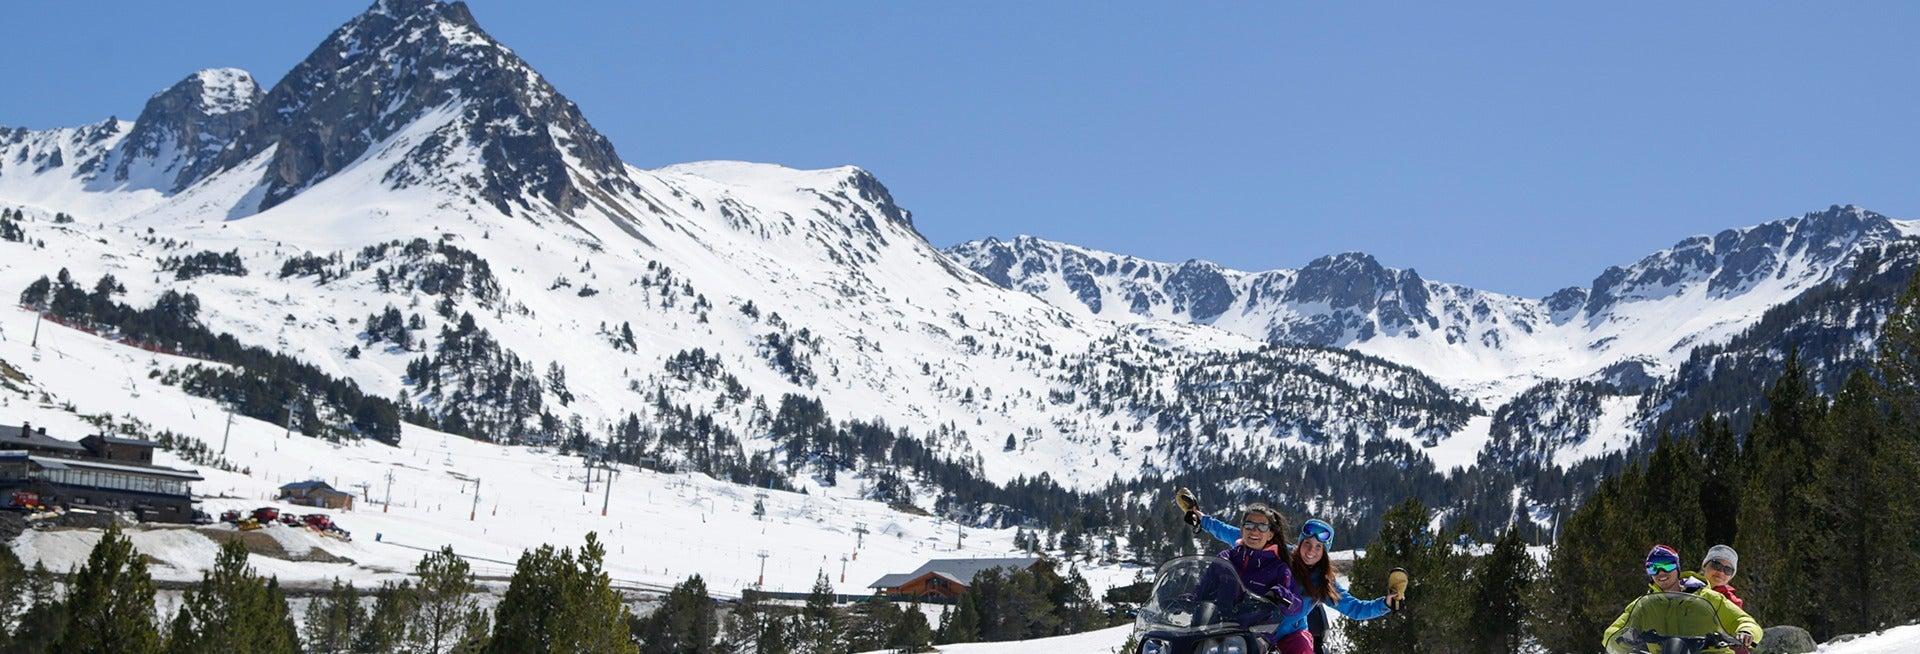 Grandvalira Snowmobile Ride